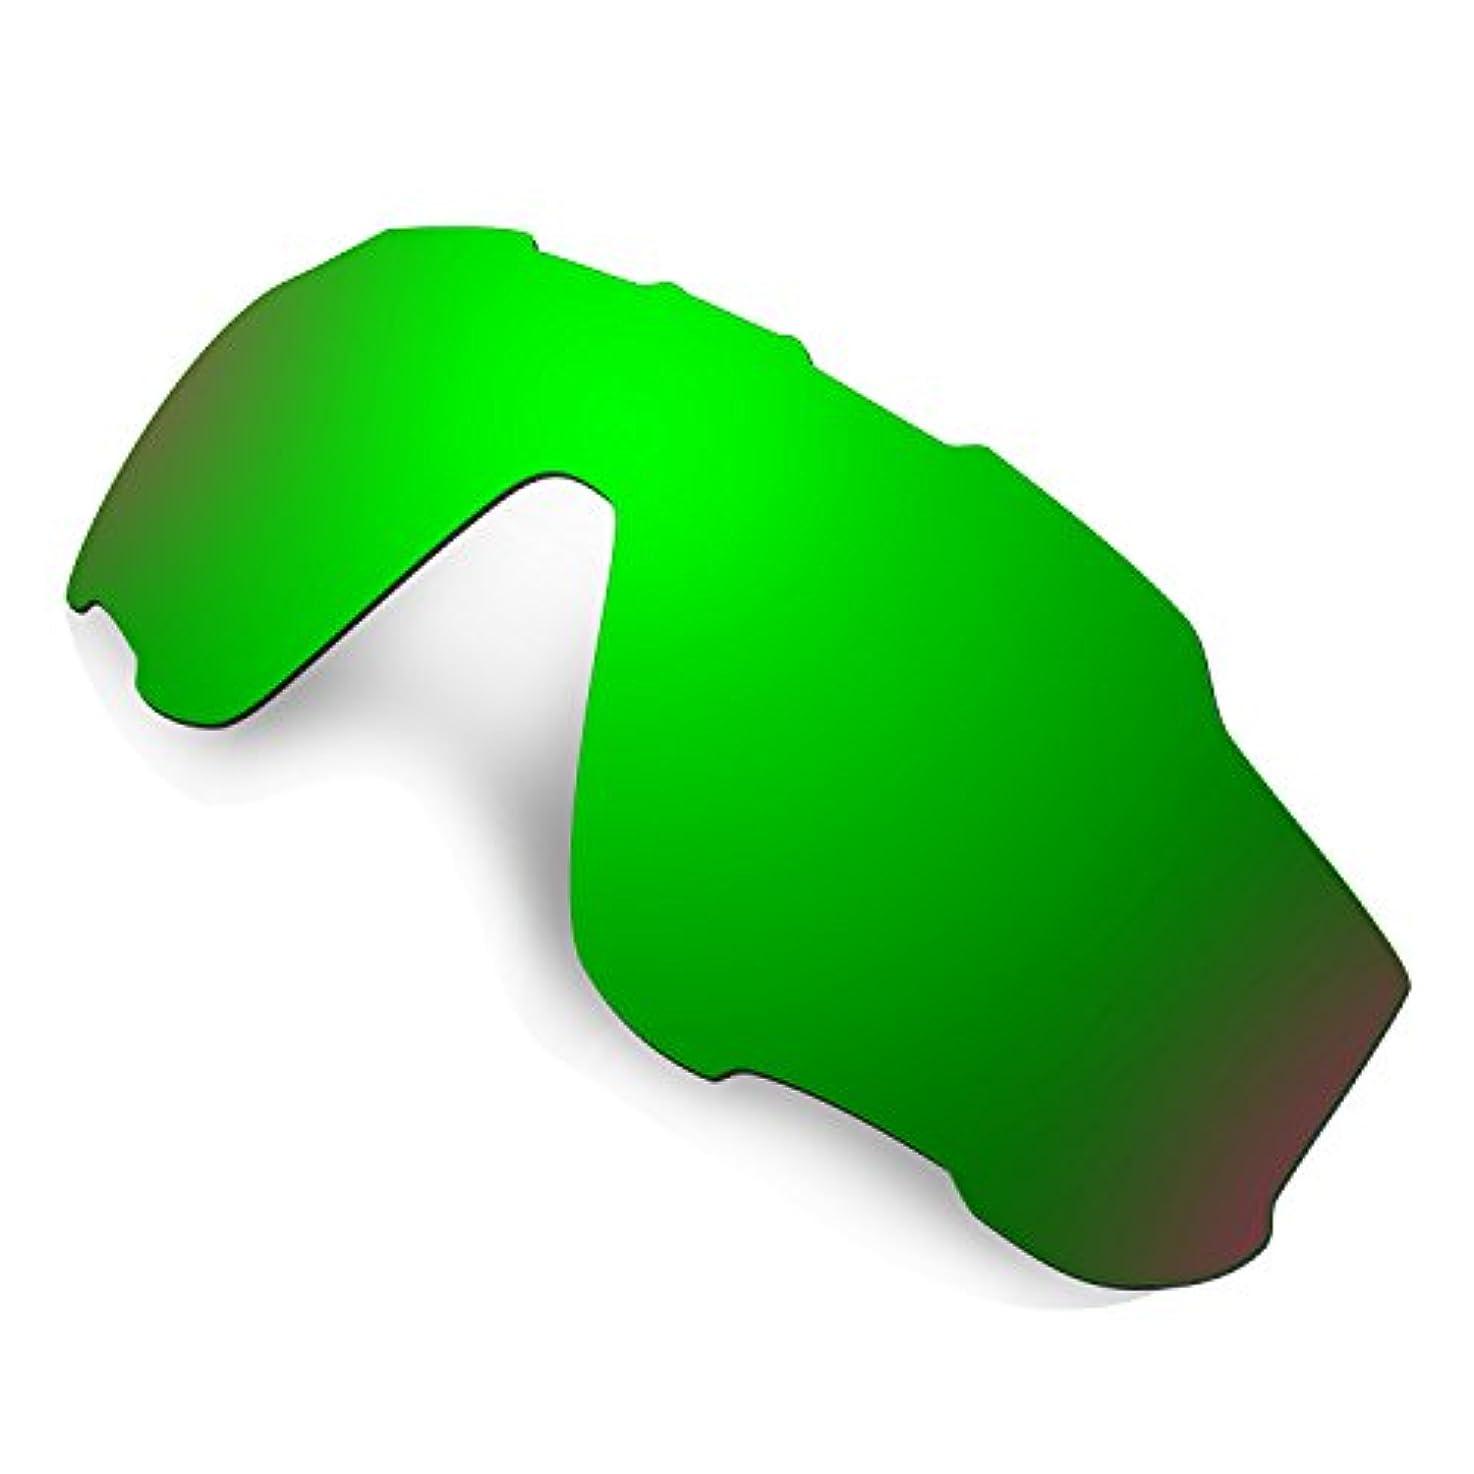 追跡寛容な帝国主義Hkuco 交換用レンズ Oakley Jawbreaker Sunglasses グリーン 偏光